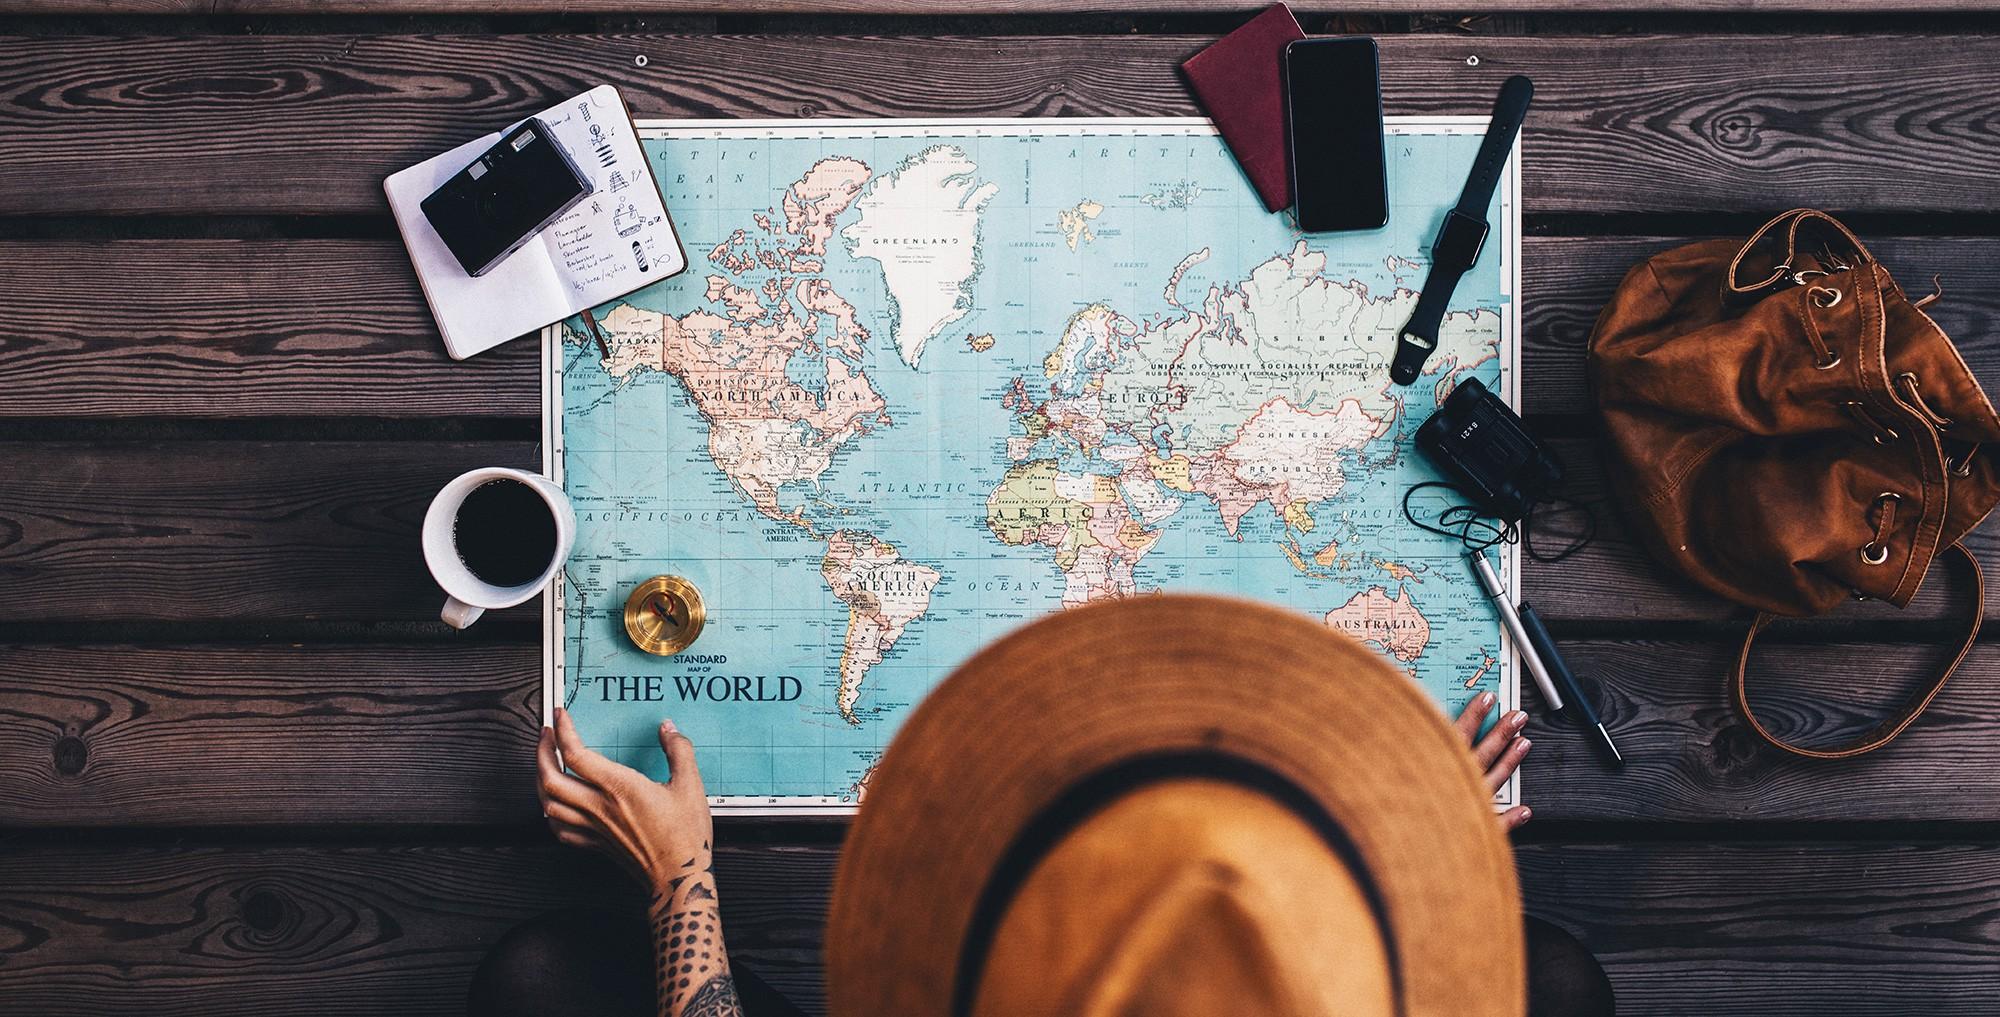 artificial inteligence traveller